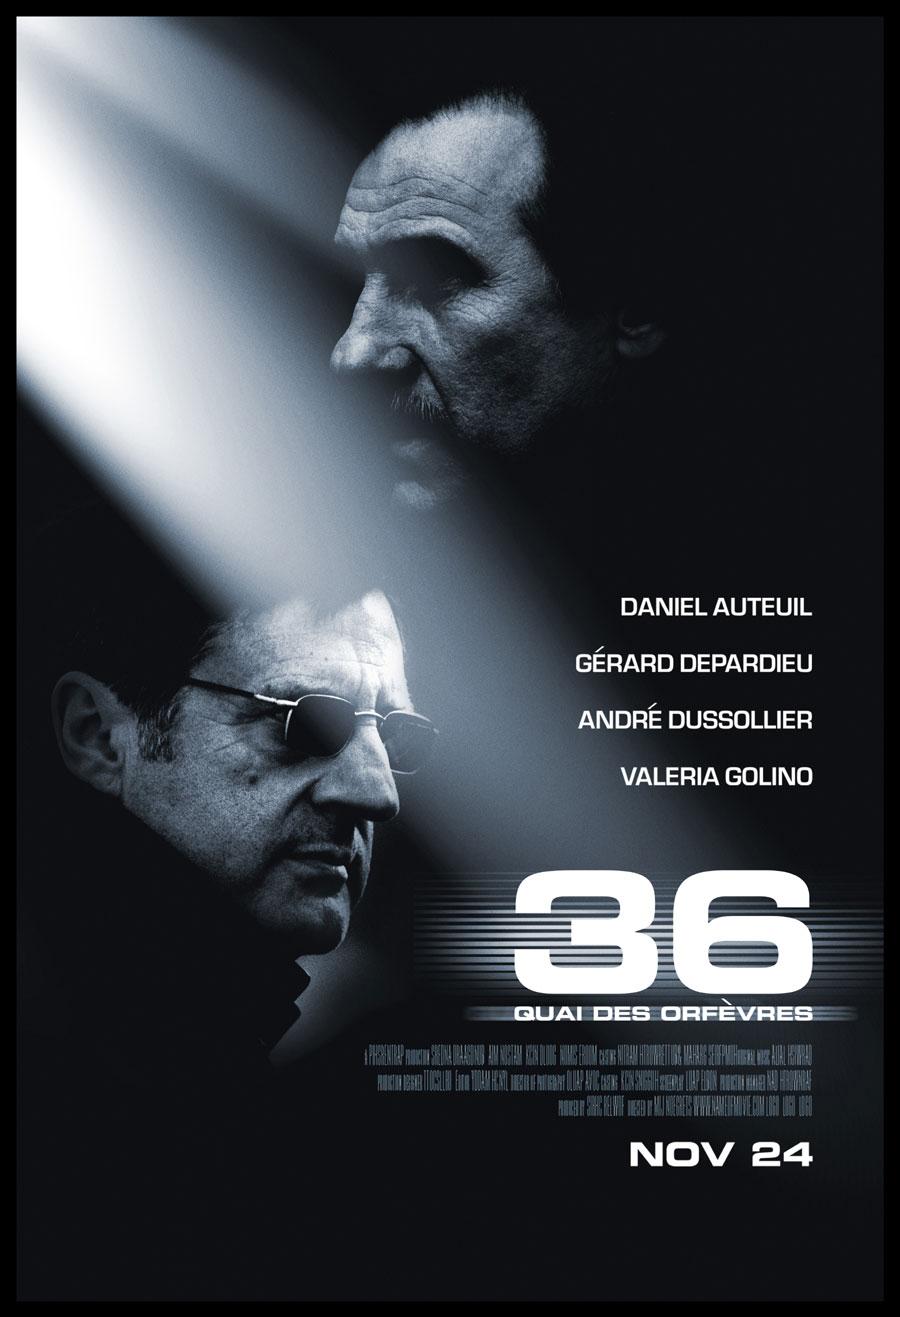 오르페브르 36번가